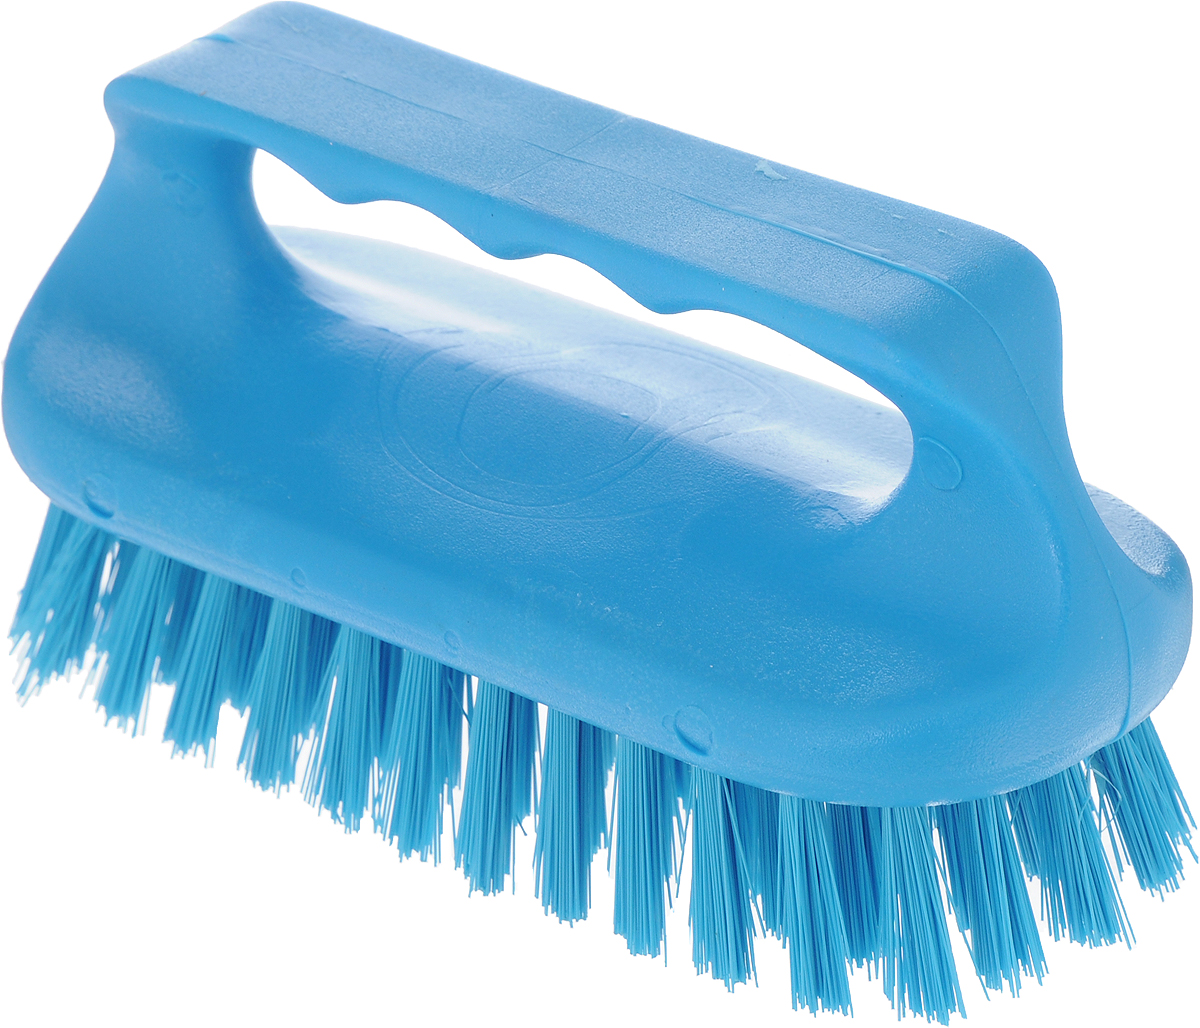 Щетка для ванны Хозяюшка Мила Сальвия, цвет: голубой24006_голубойЩетка для ванны Хозяюшка Мила Сальвия, изготовленная из высокопрочного пластика, идеально подходит для снятия сильных загрязнений. Удобная ручка делает процесс чистки комфортным, а форма щетки позволяет хорошо чистить даже труднодоступные места. Щетина средней жесткости не повреждает поверхность. Длина щетины: 2,5 см.